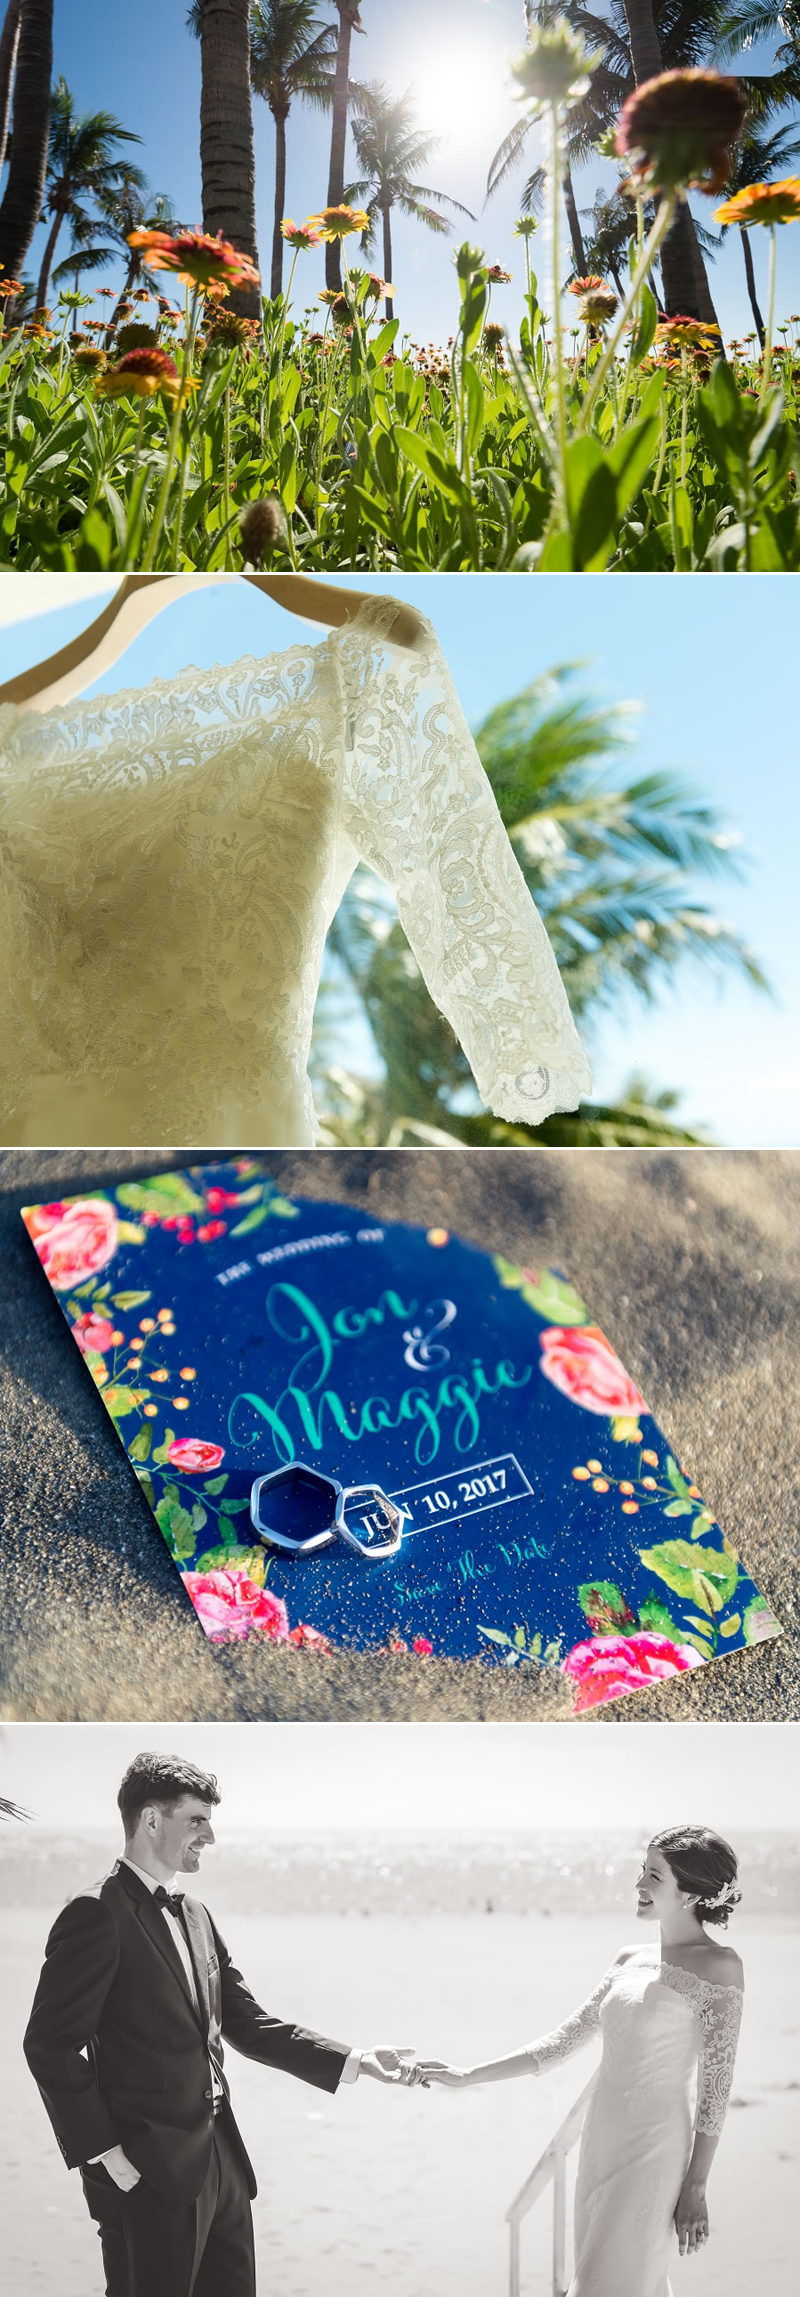 攝影師專訪|西子灣 海洋風 美式婚禮 戶外婚禮 - 婚攝 Roger Wu